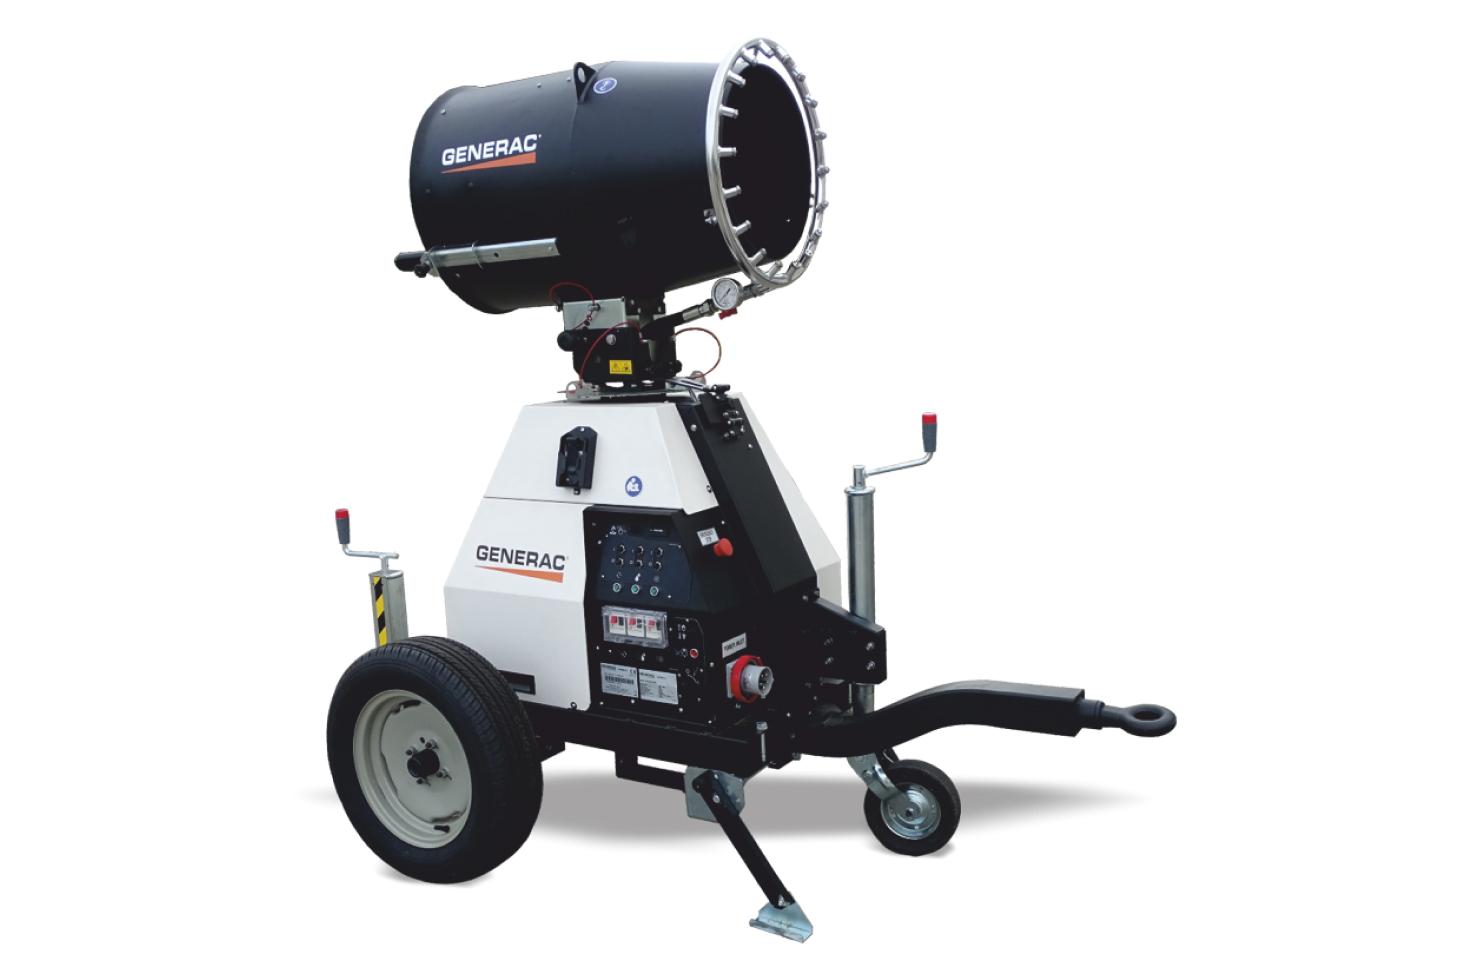 DF 4500 Generac Mobile Установка подавления пыли